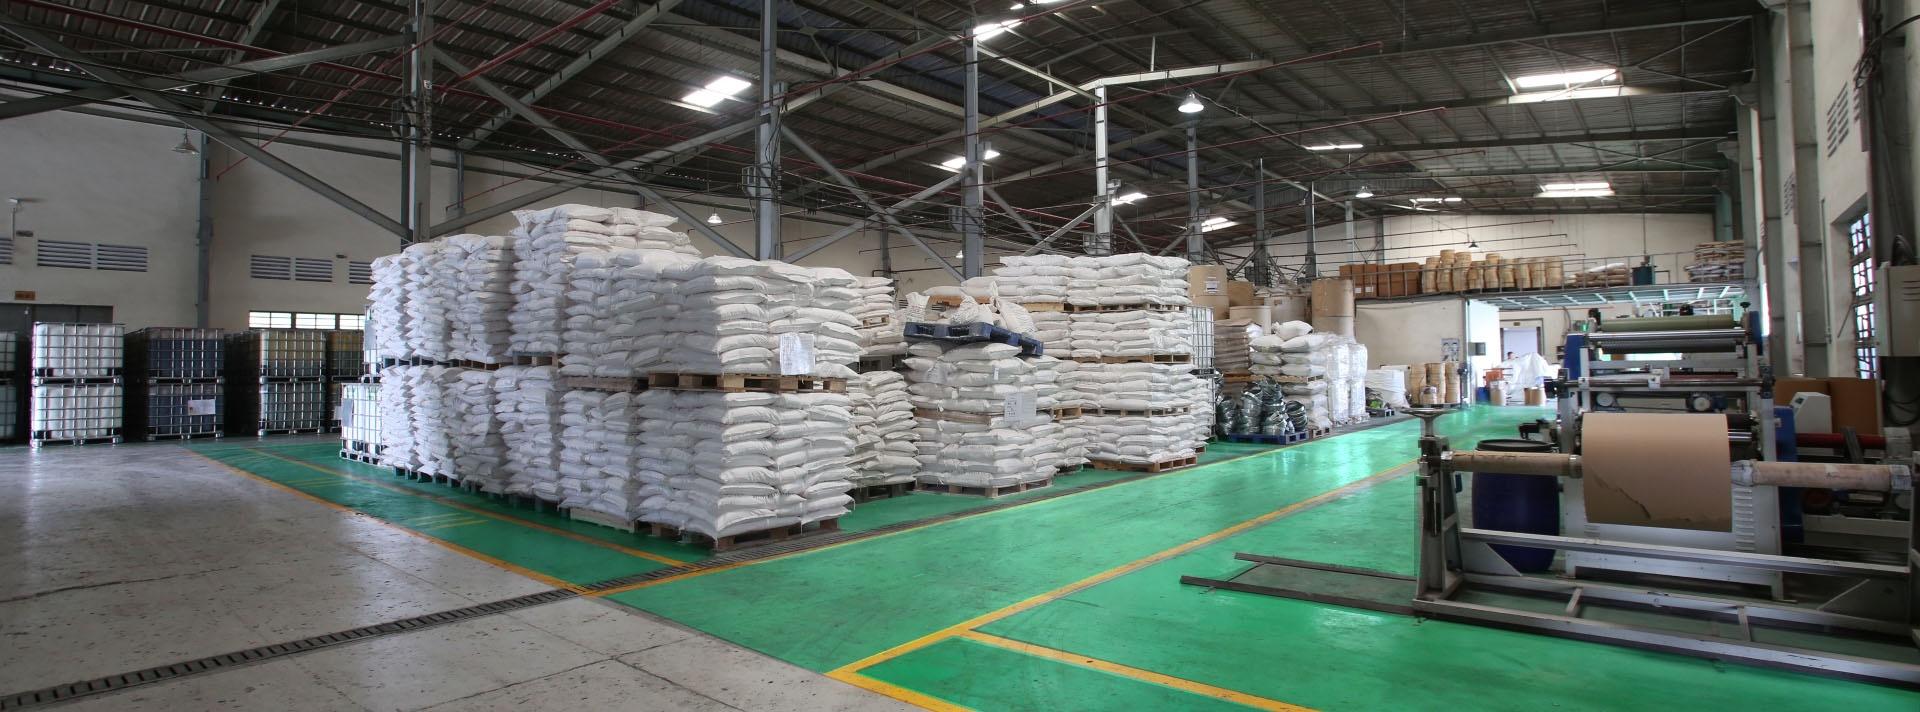 Tinh bột bao bì cho giấy